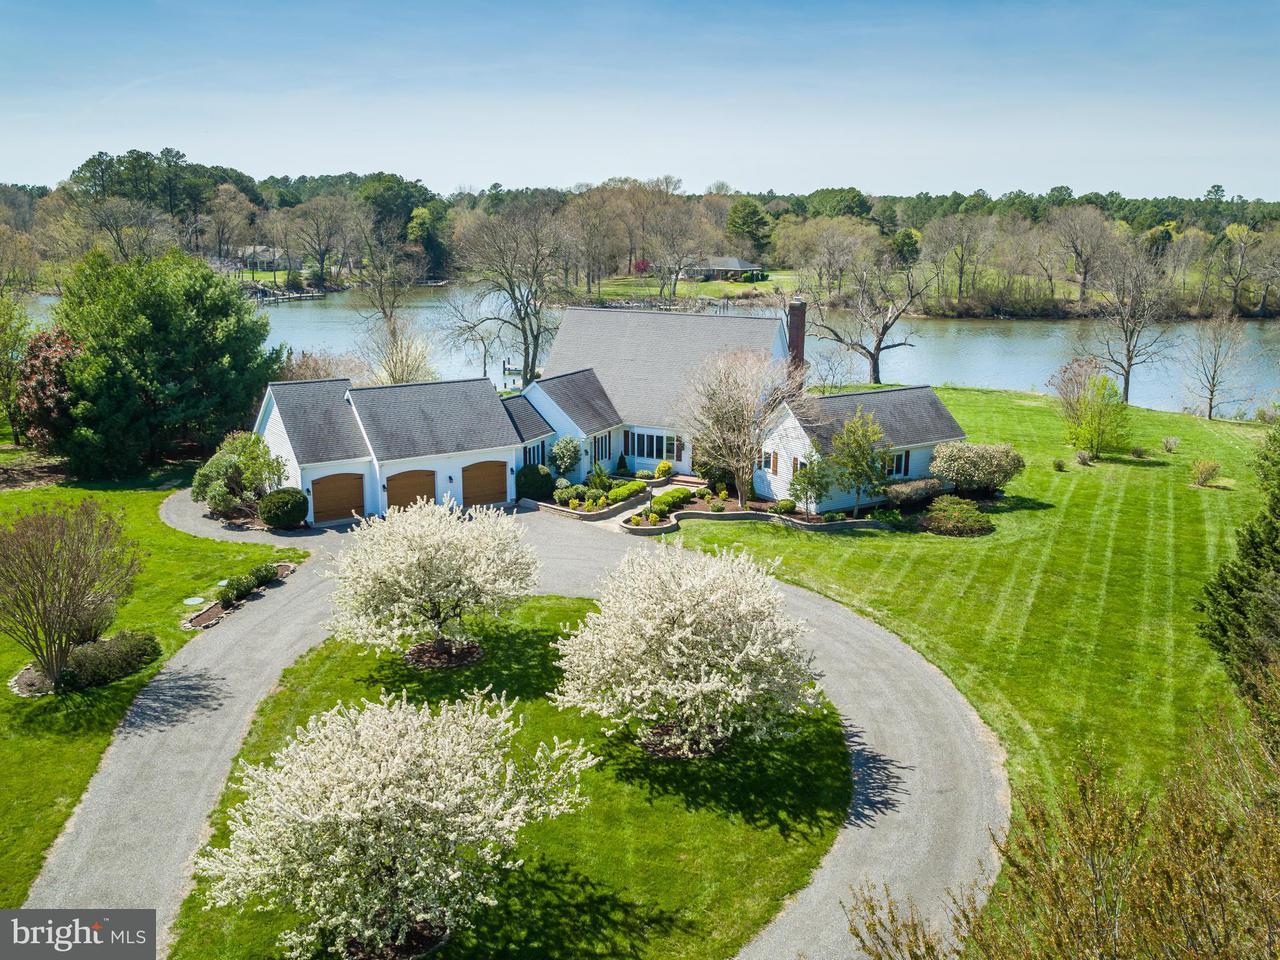 独户住宅 为 销售 在 28250 BRICK ROW Drive 28250 BRICK ROW Drive Oxford, 马里兰州 21654 美国